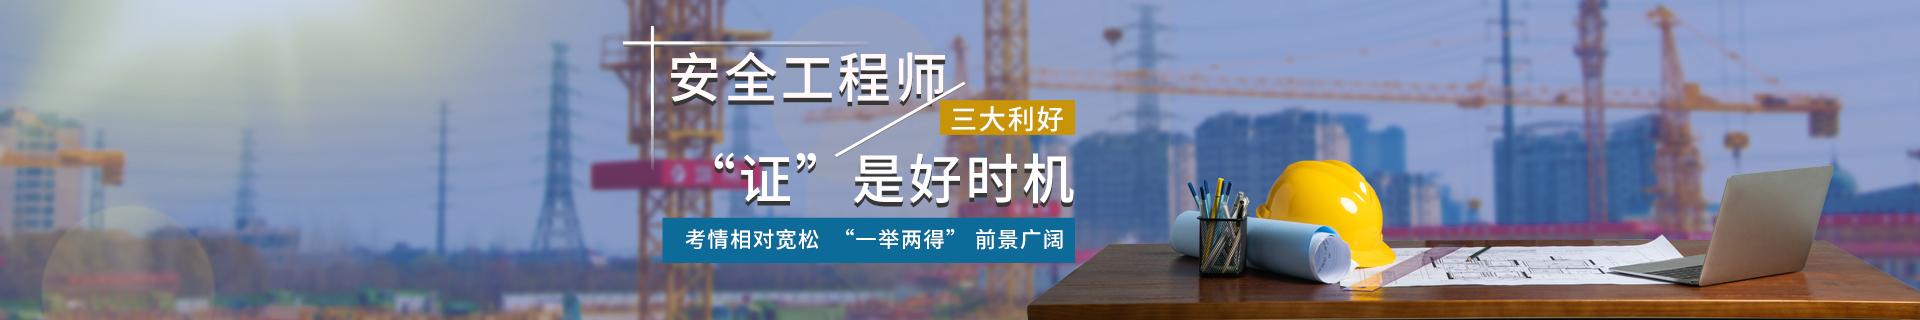 广西南宁学天教育培训